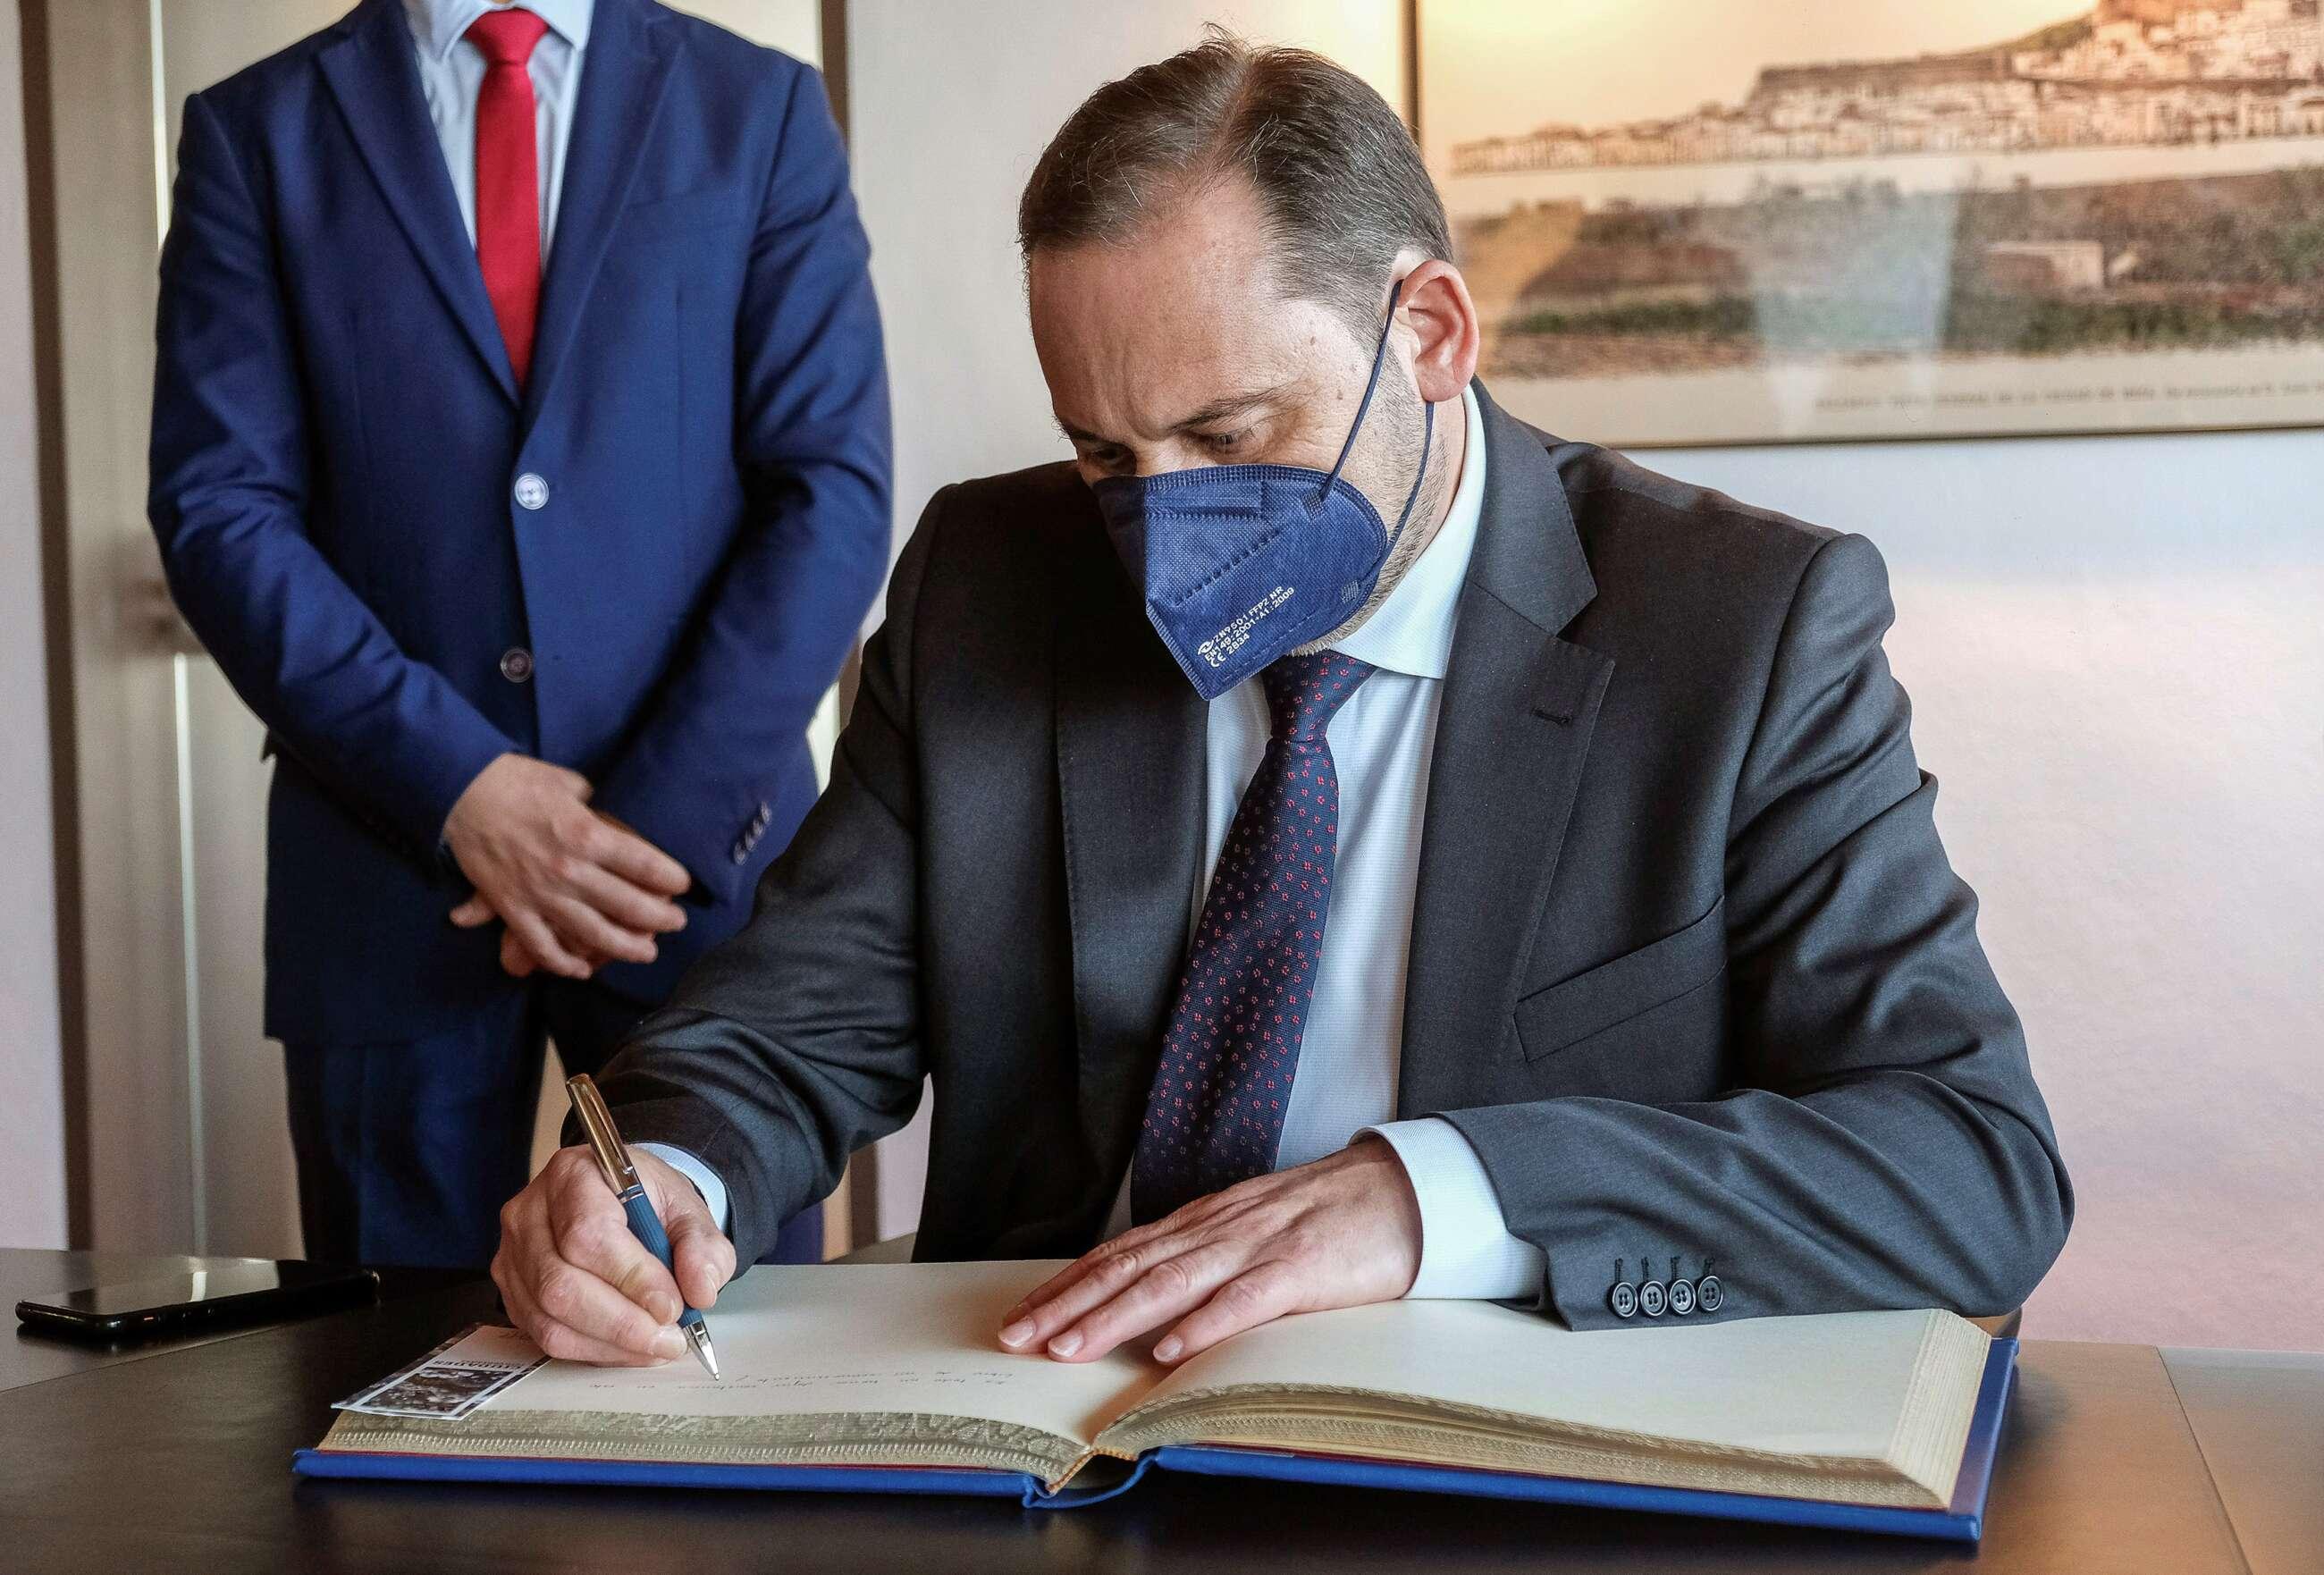 El ministro de Transportes, Movilidad y Agenda Urbana, José Luis Ábalos, firma en el Ayuntamiento de Ibiza un protocolo de colaboración. EFE